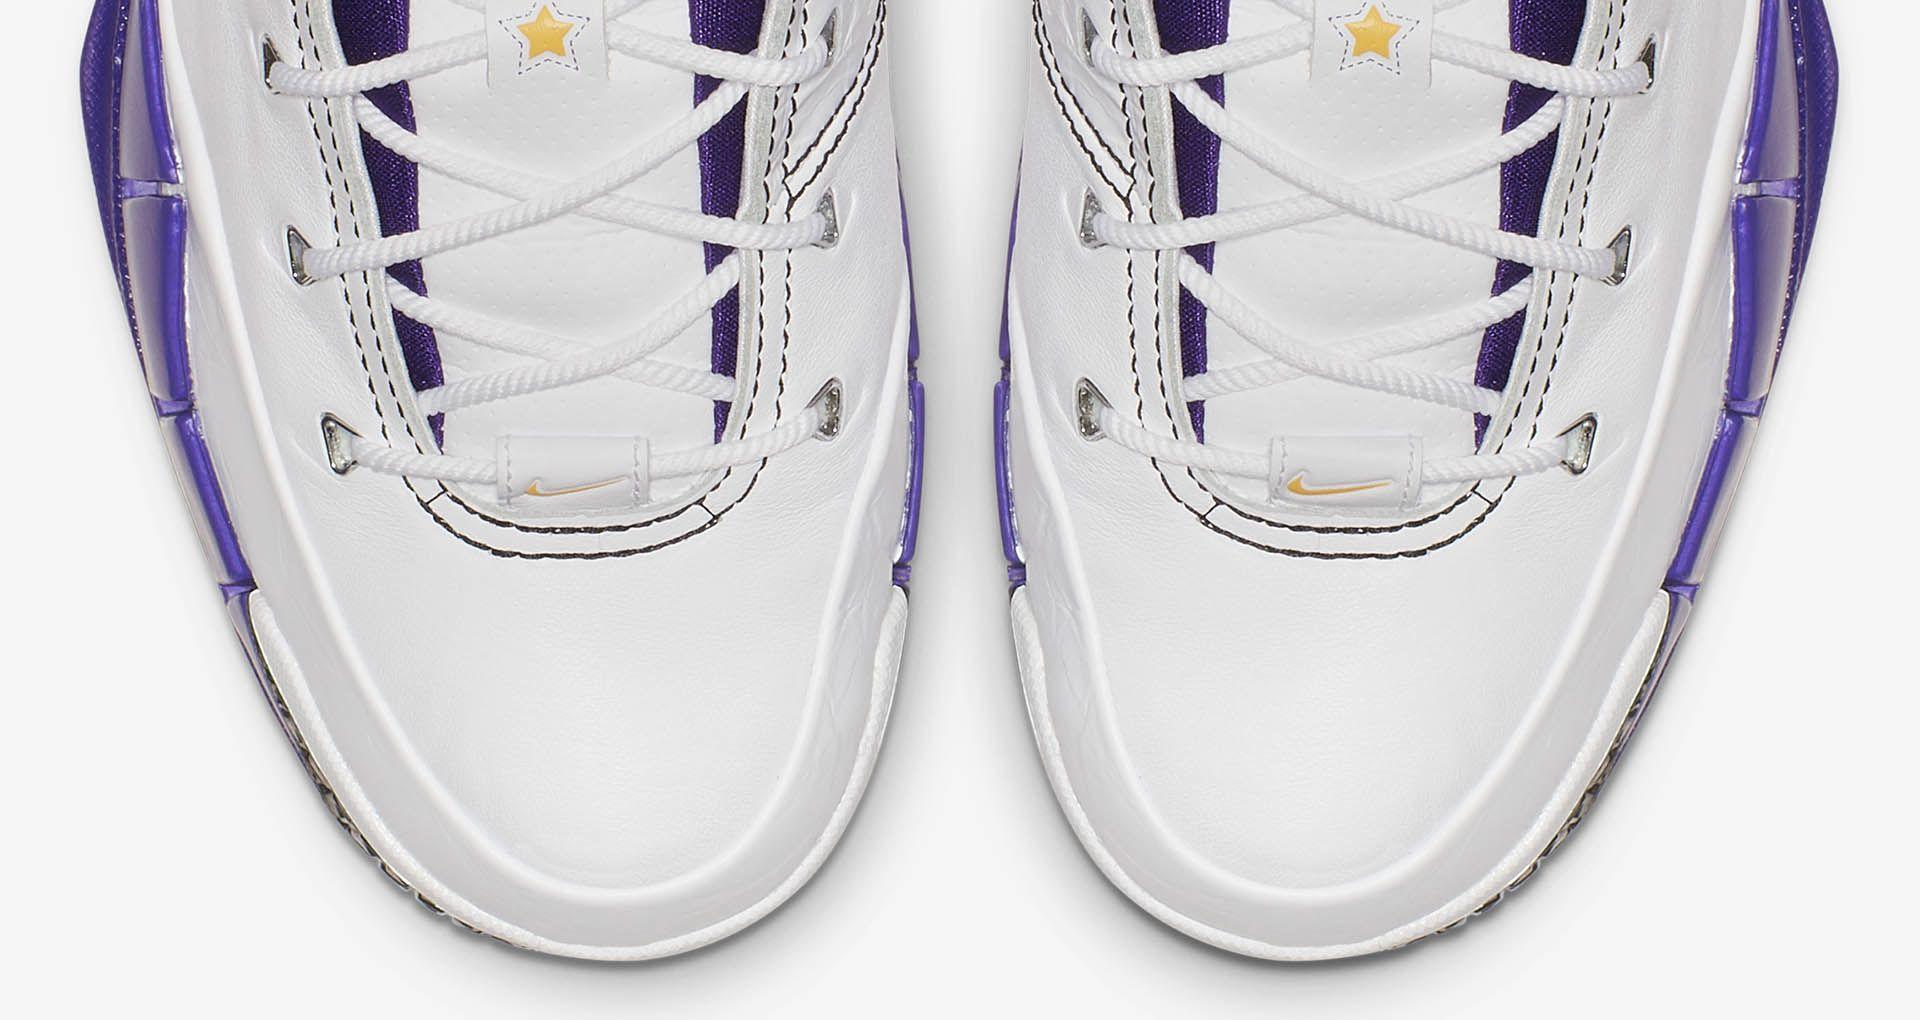 62d0e3888cd0 Nike Zoom Kobe 1 Protro  White   Varsity Purple   Black  Release ...